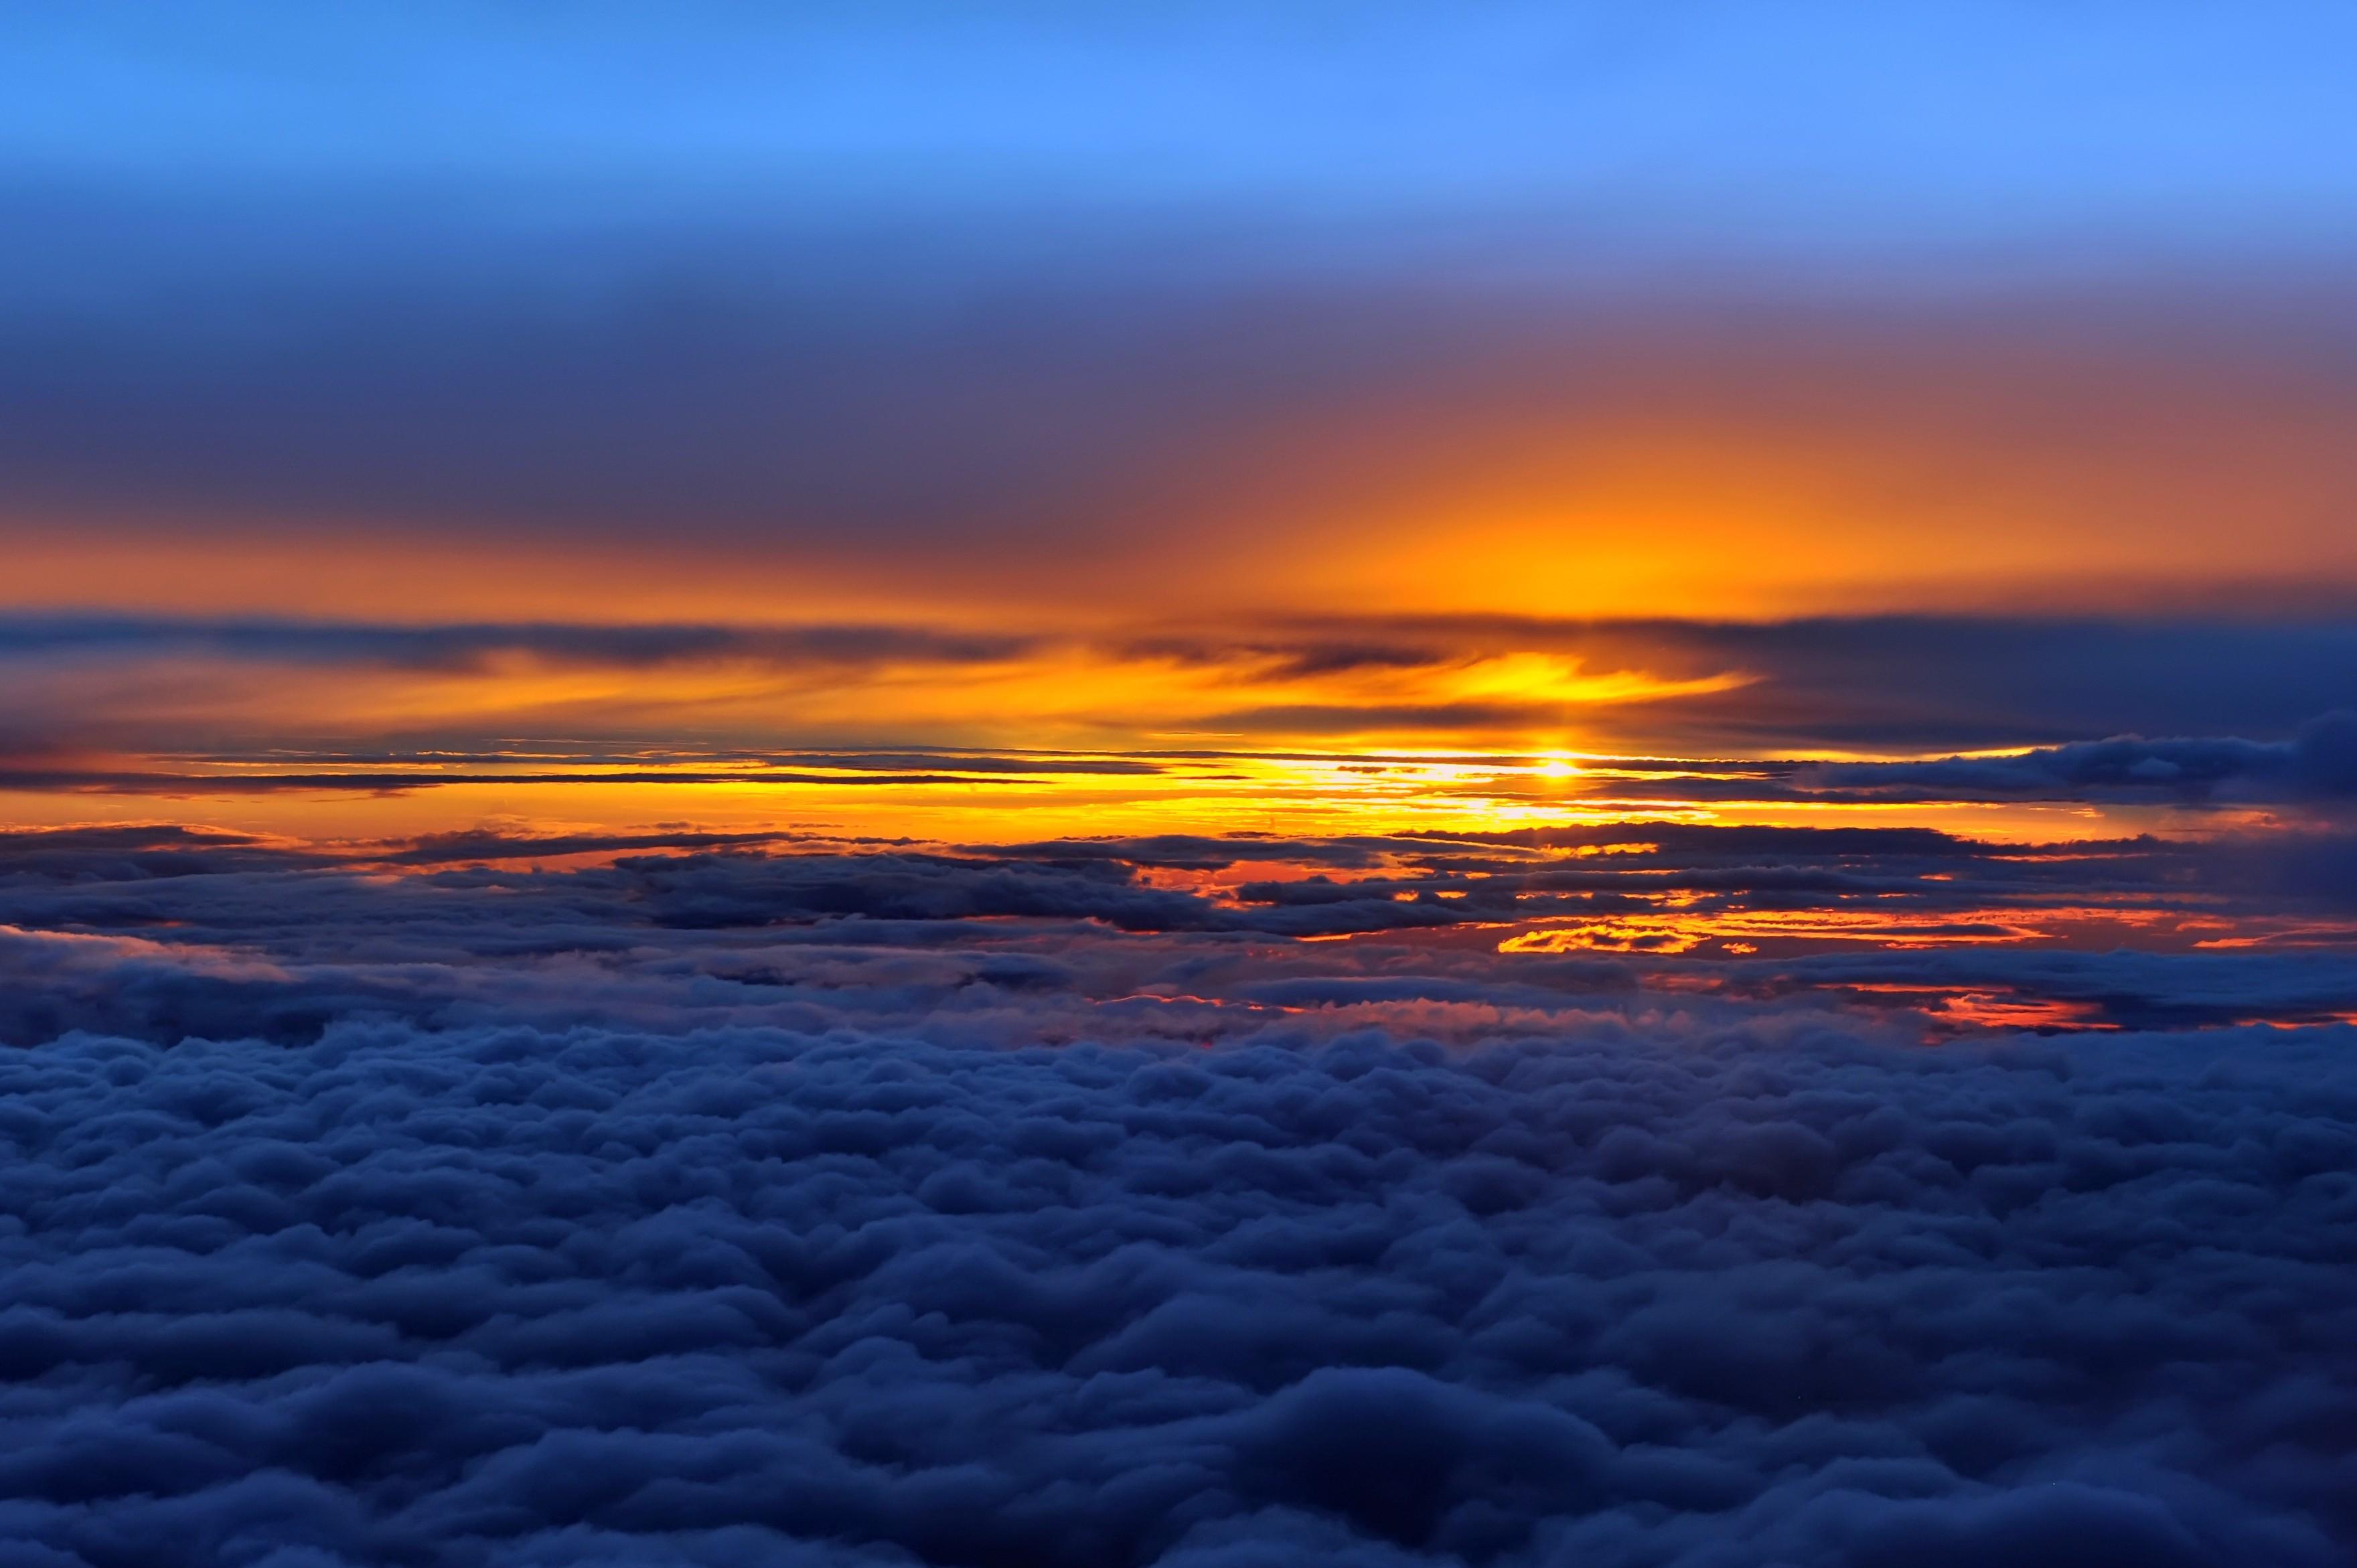 Hady Khandani, sunset over clouds overhead Colombia (HADYPHOTO, Wolken, über den Wolken, Wolkendecke, Luftbild, Sonnenuntergang, Fotografie, Wunschgröße, Wohnzimmer, Treppenhaus, bunt)